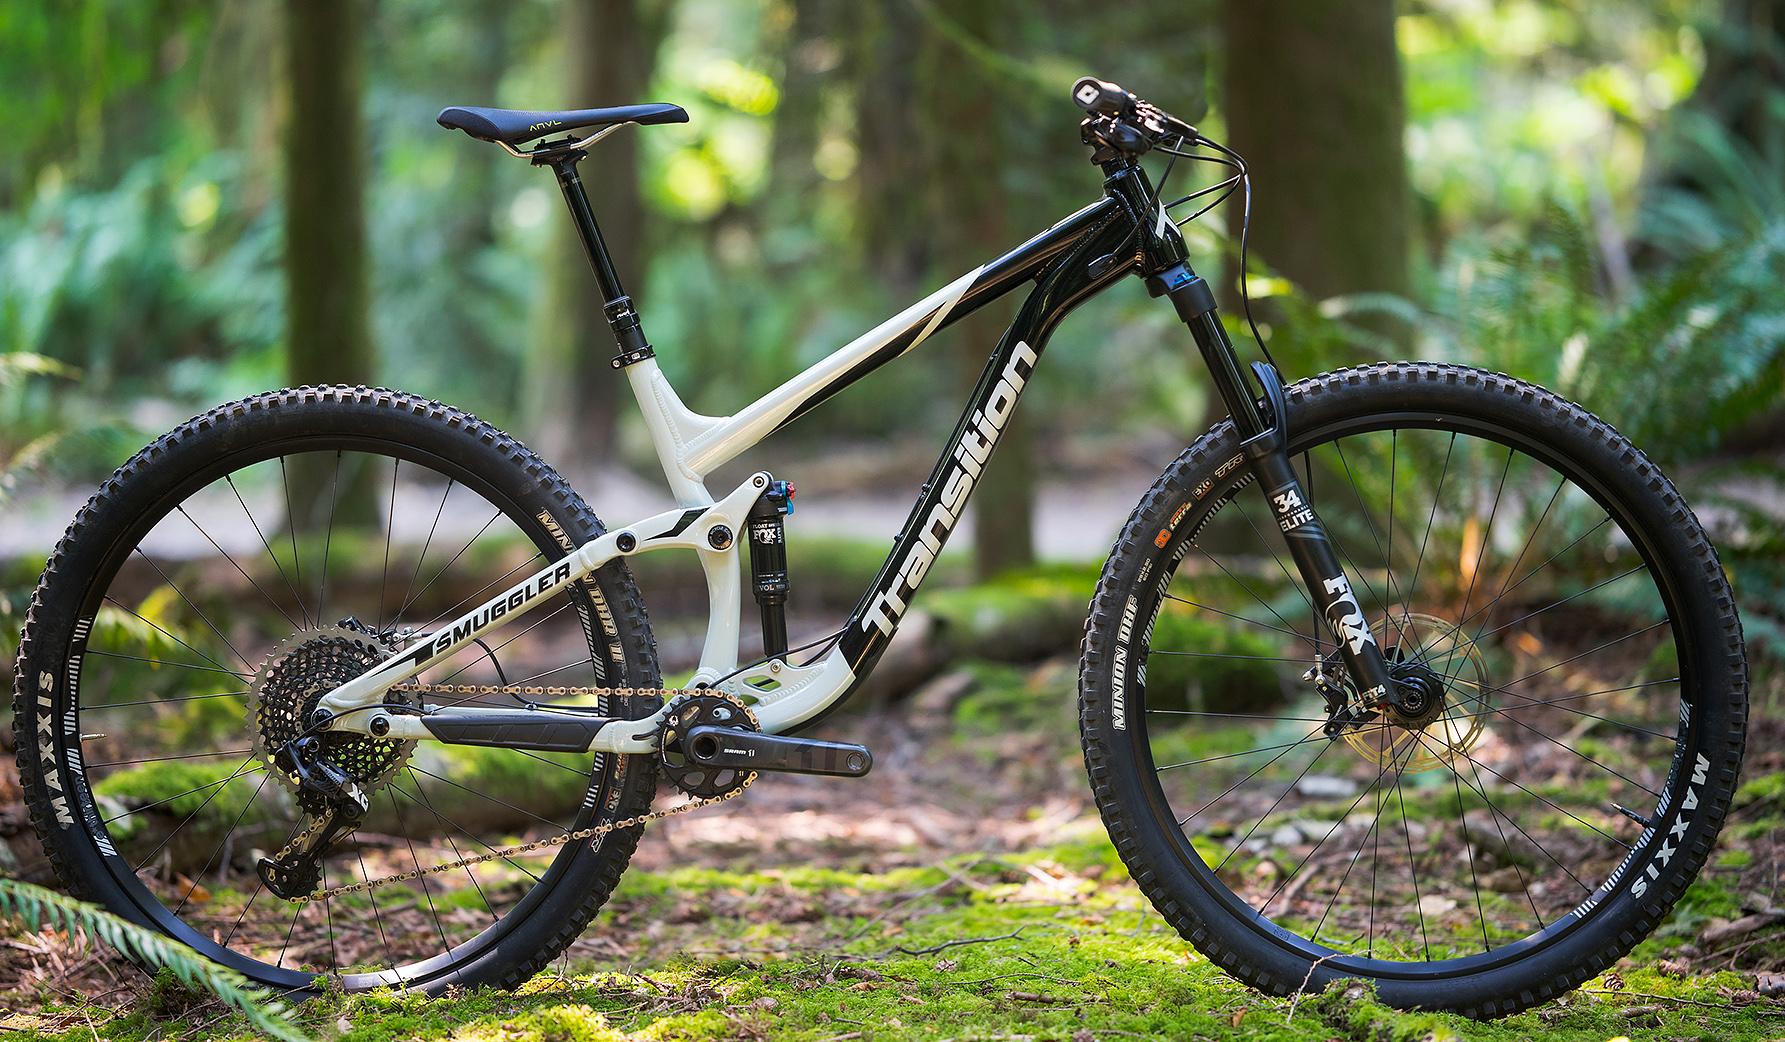 1cb88929af9 2018 Transition bike range includes new 160/140mm Sentinel 29er - MBR